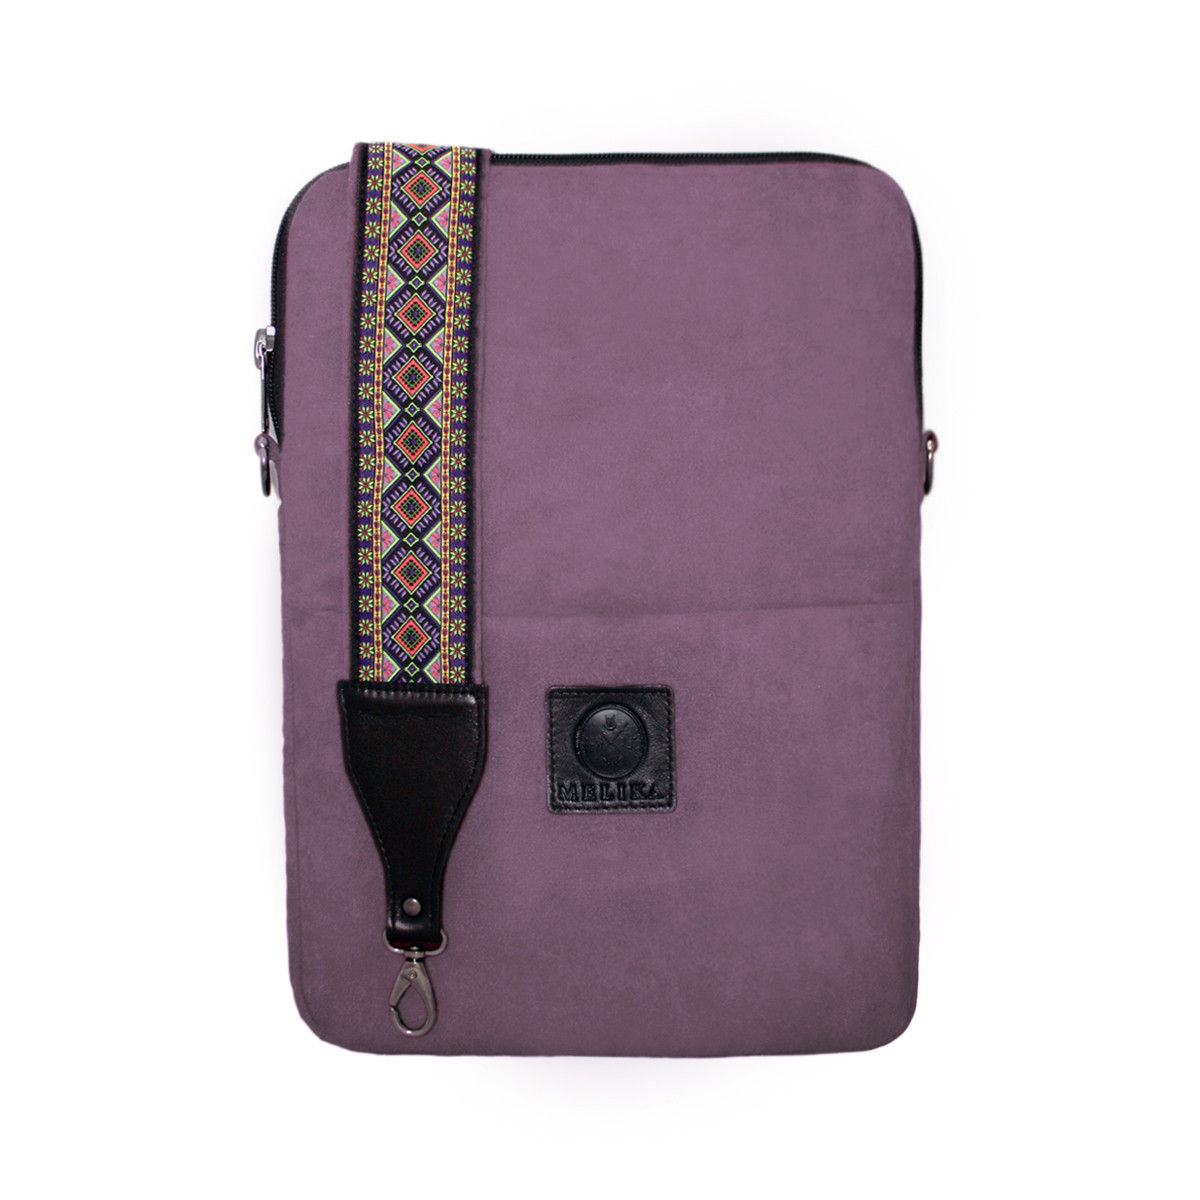 Etui na laptopa Melika Fiolet - Melika Fashion | JestemSlow.pl